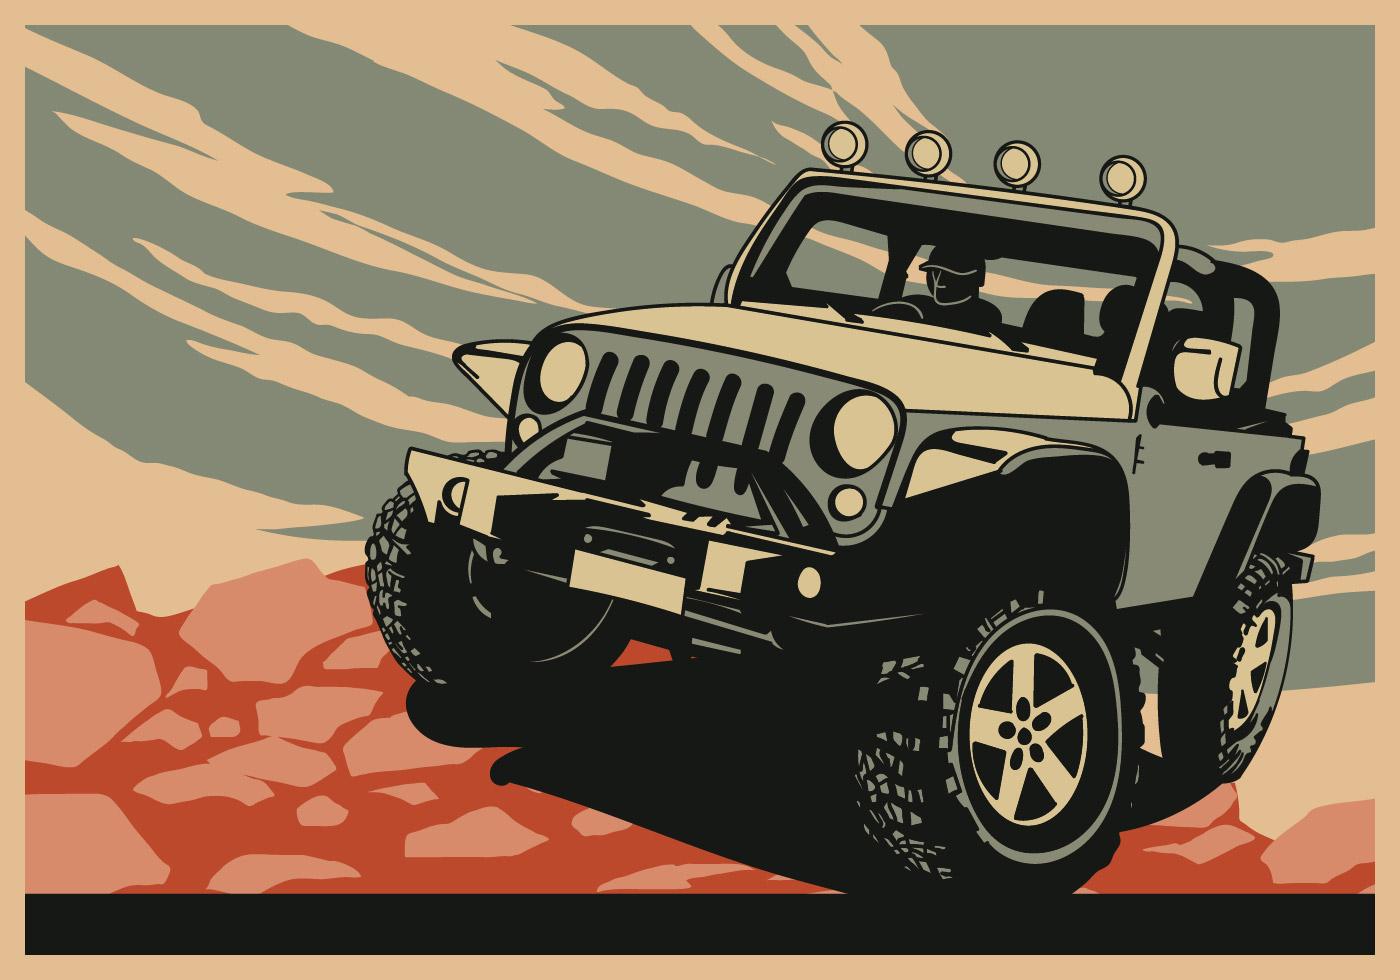 5700 Koleksi Download Gambar Mobil Jeep Gratis